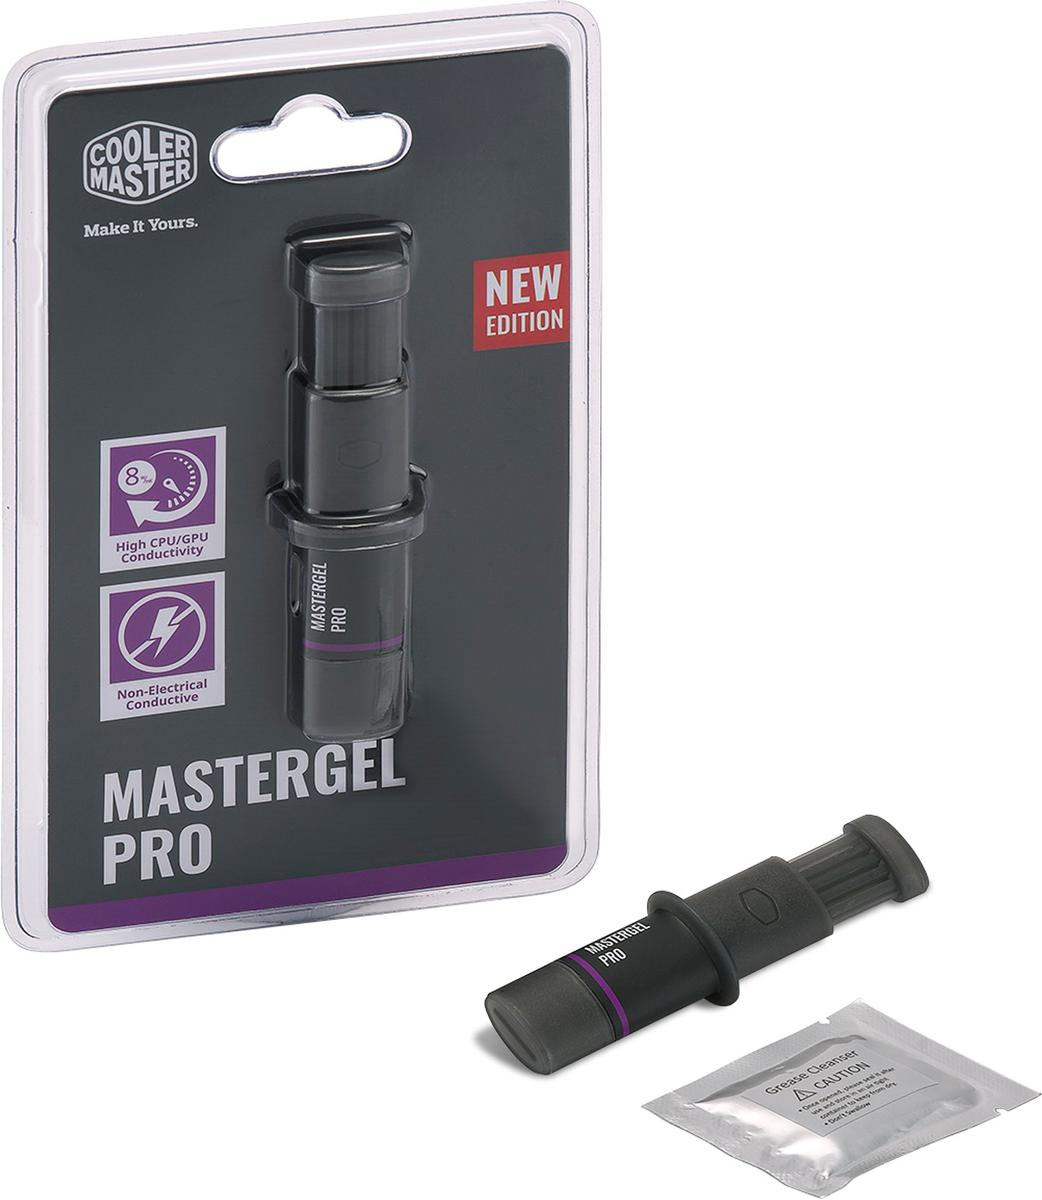 Cooler Master MasterGel Pro 1.5 g Thermal Paste